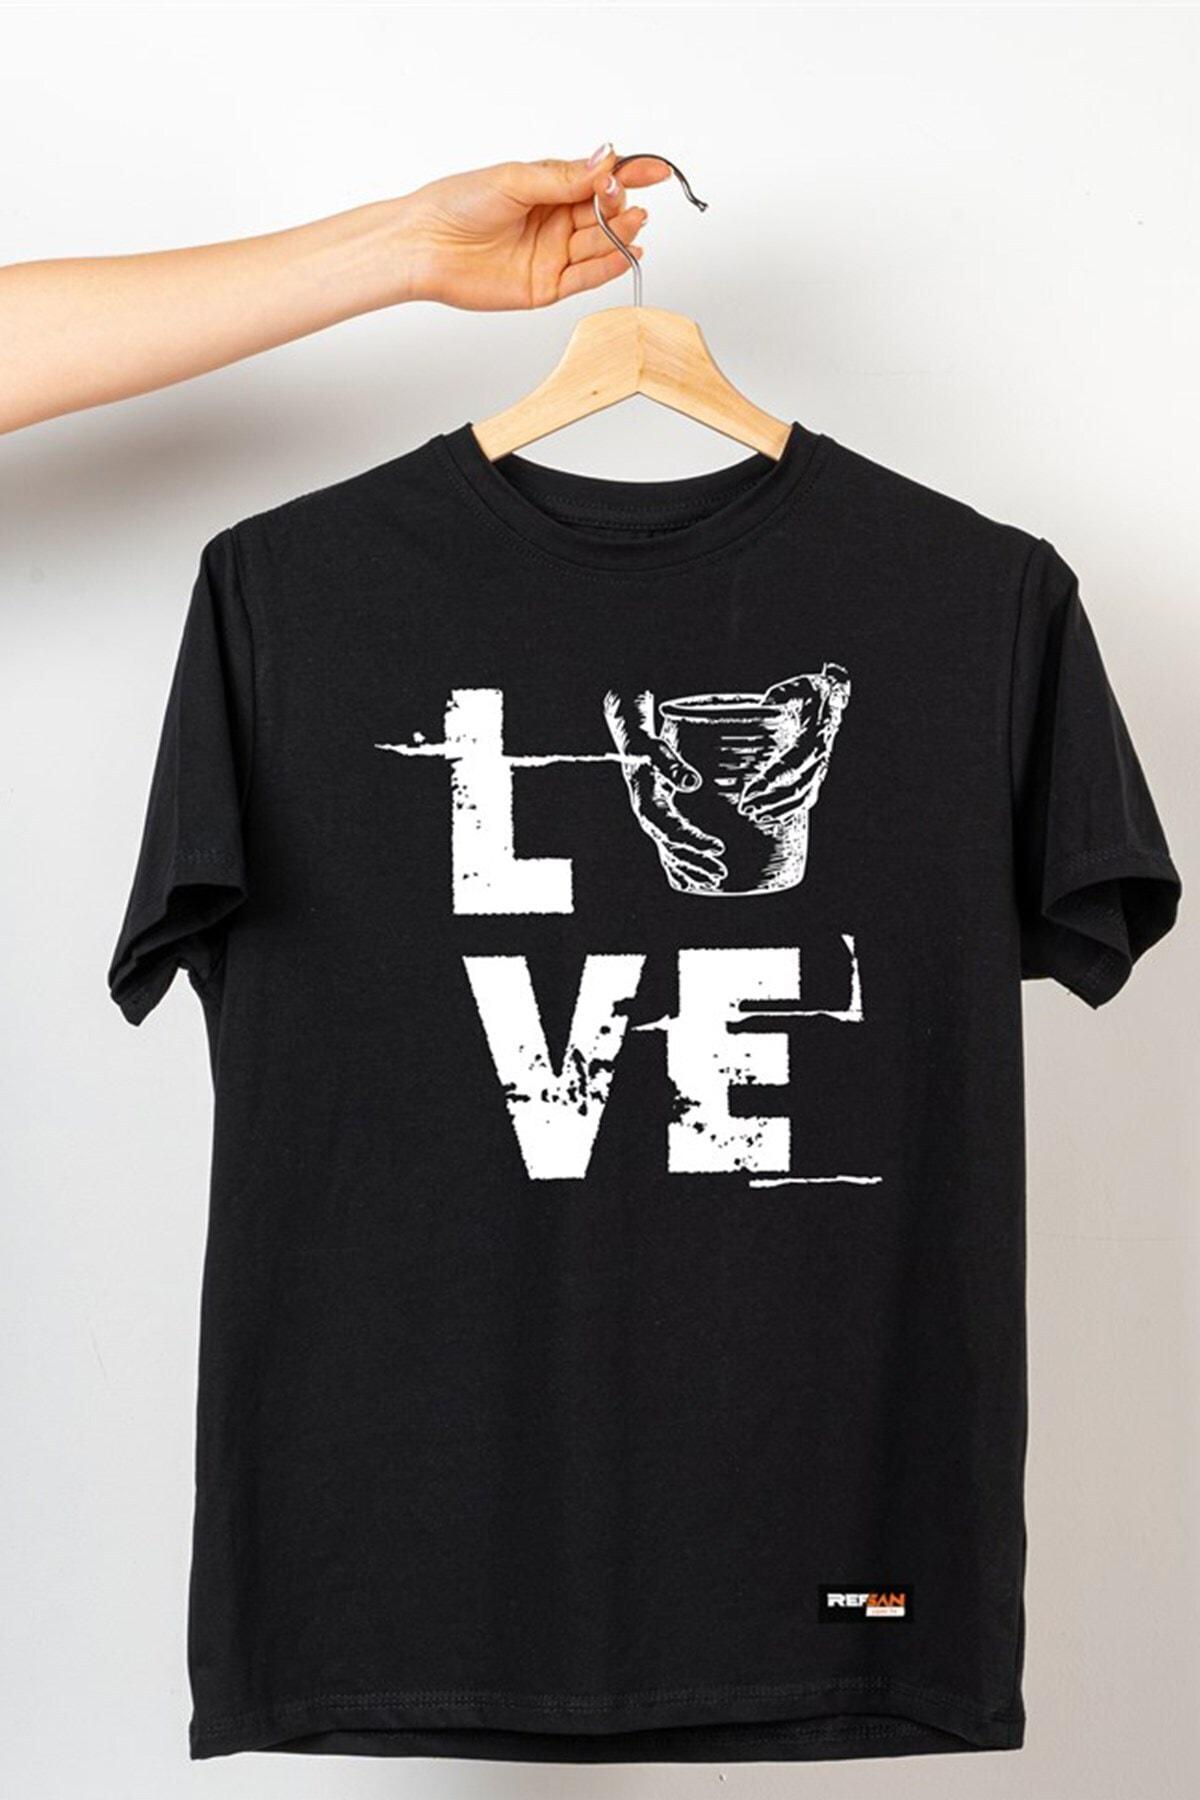 Ref-San Tasarım Tişört - Love 1